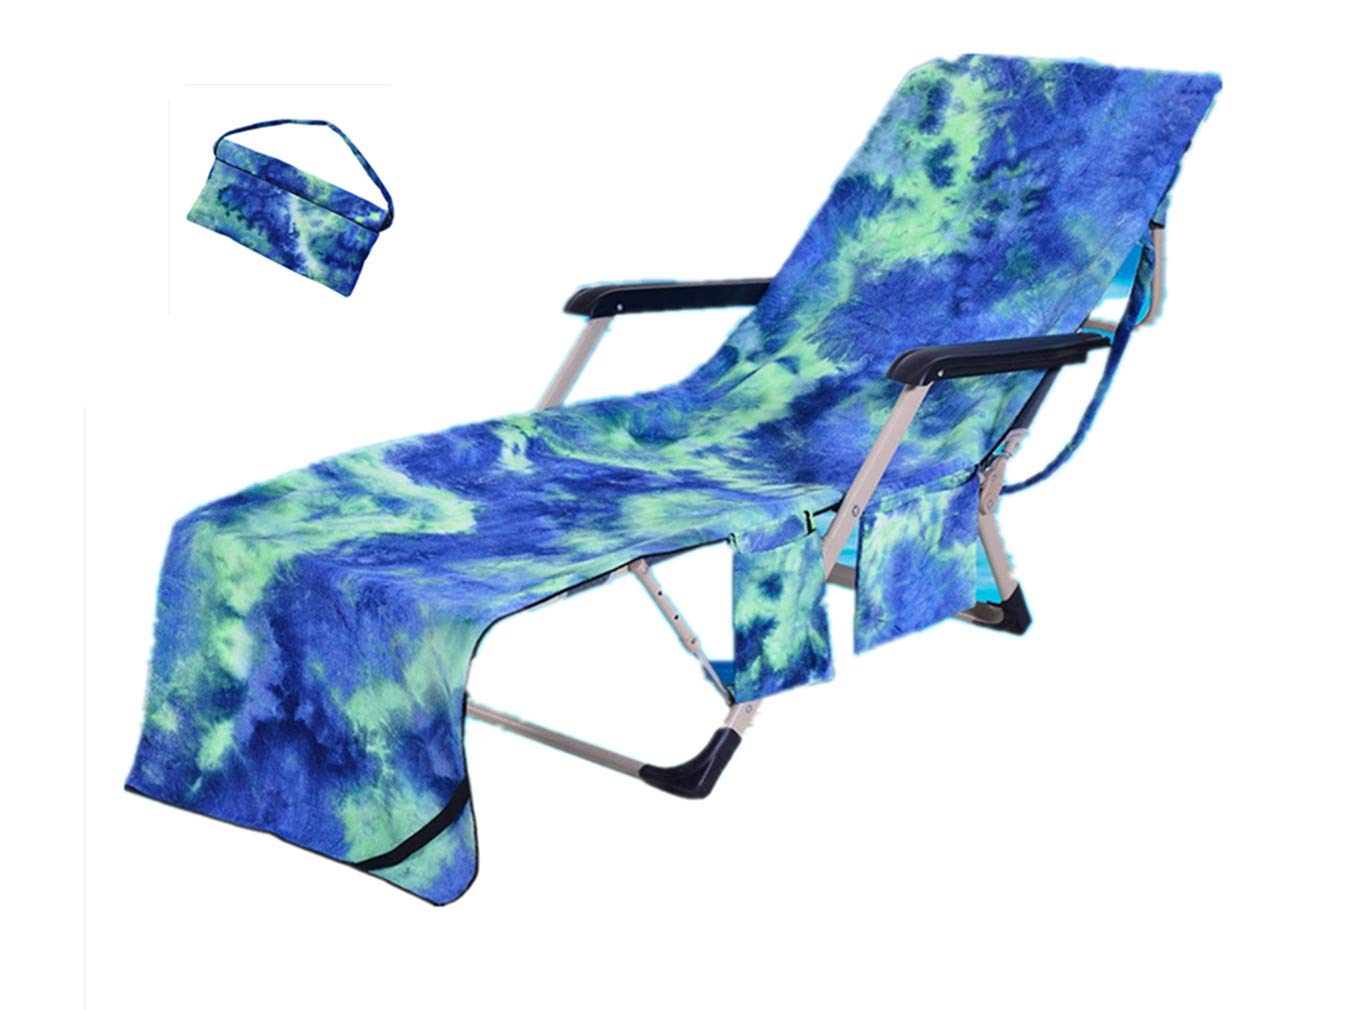 Sticker Superb Estilo de Pintura al óleo Toalla de Deportes de Playa para Jardin Tumbona de Patio Compañero de Hamaca Cubrir con Bolsa Lateral 210x75 cm Hombres y Mujeres (Azul): Amazon.es: Hogar